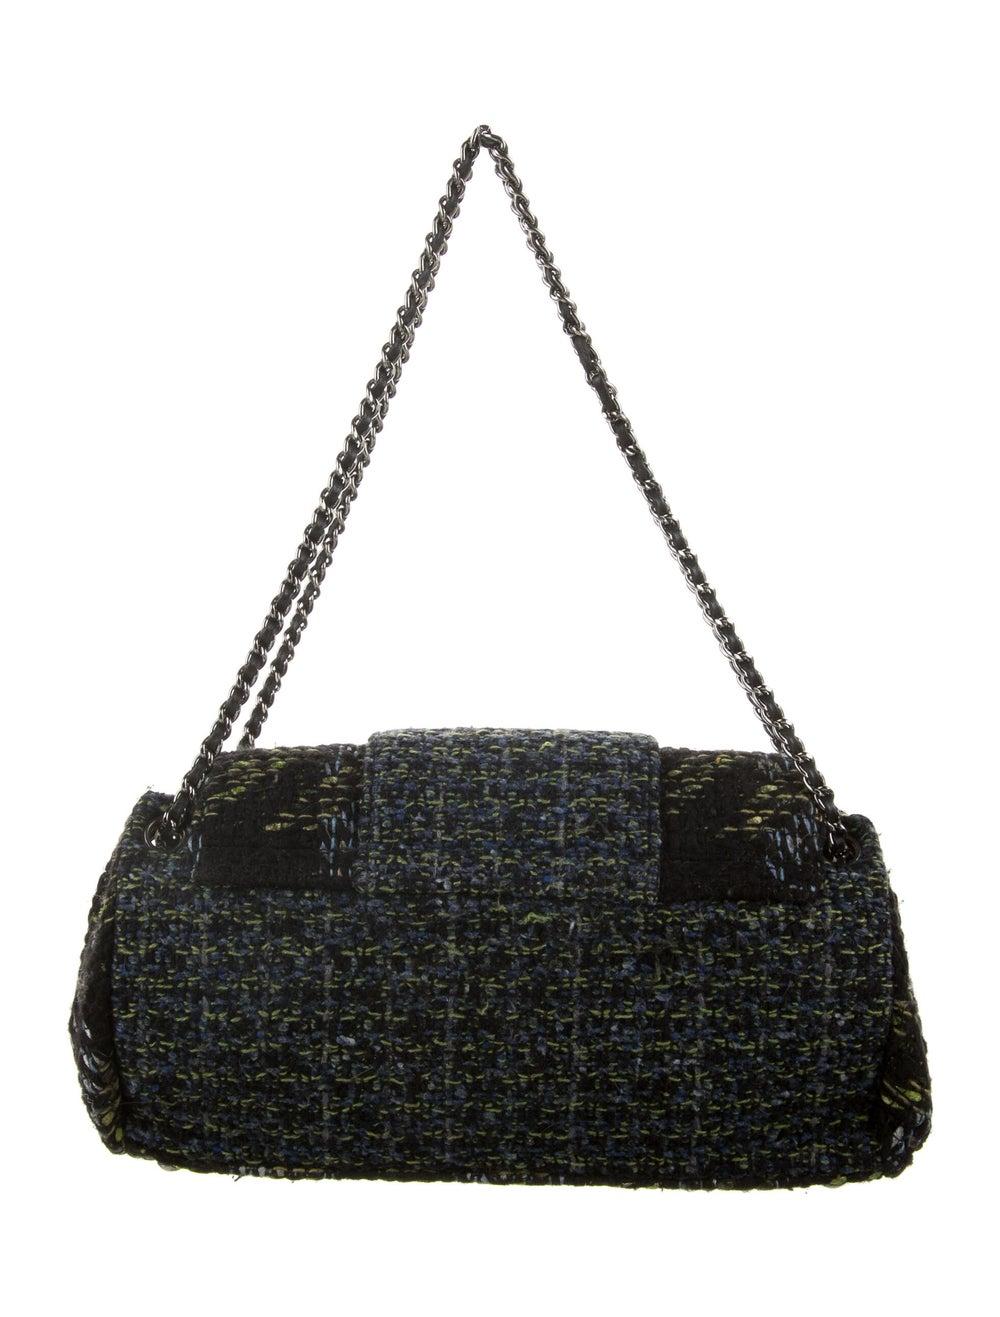 Chanel Tweed Flap Bag Black - image 4